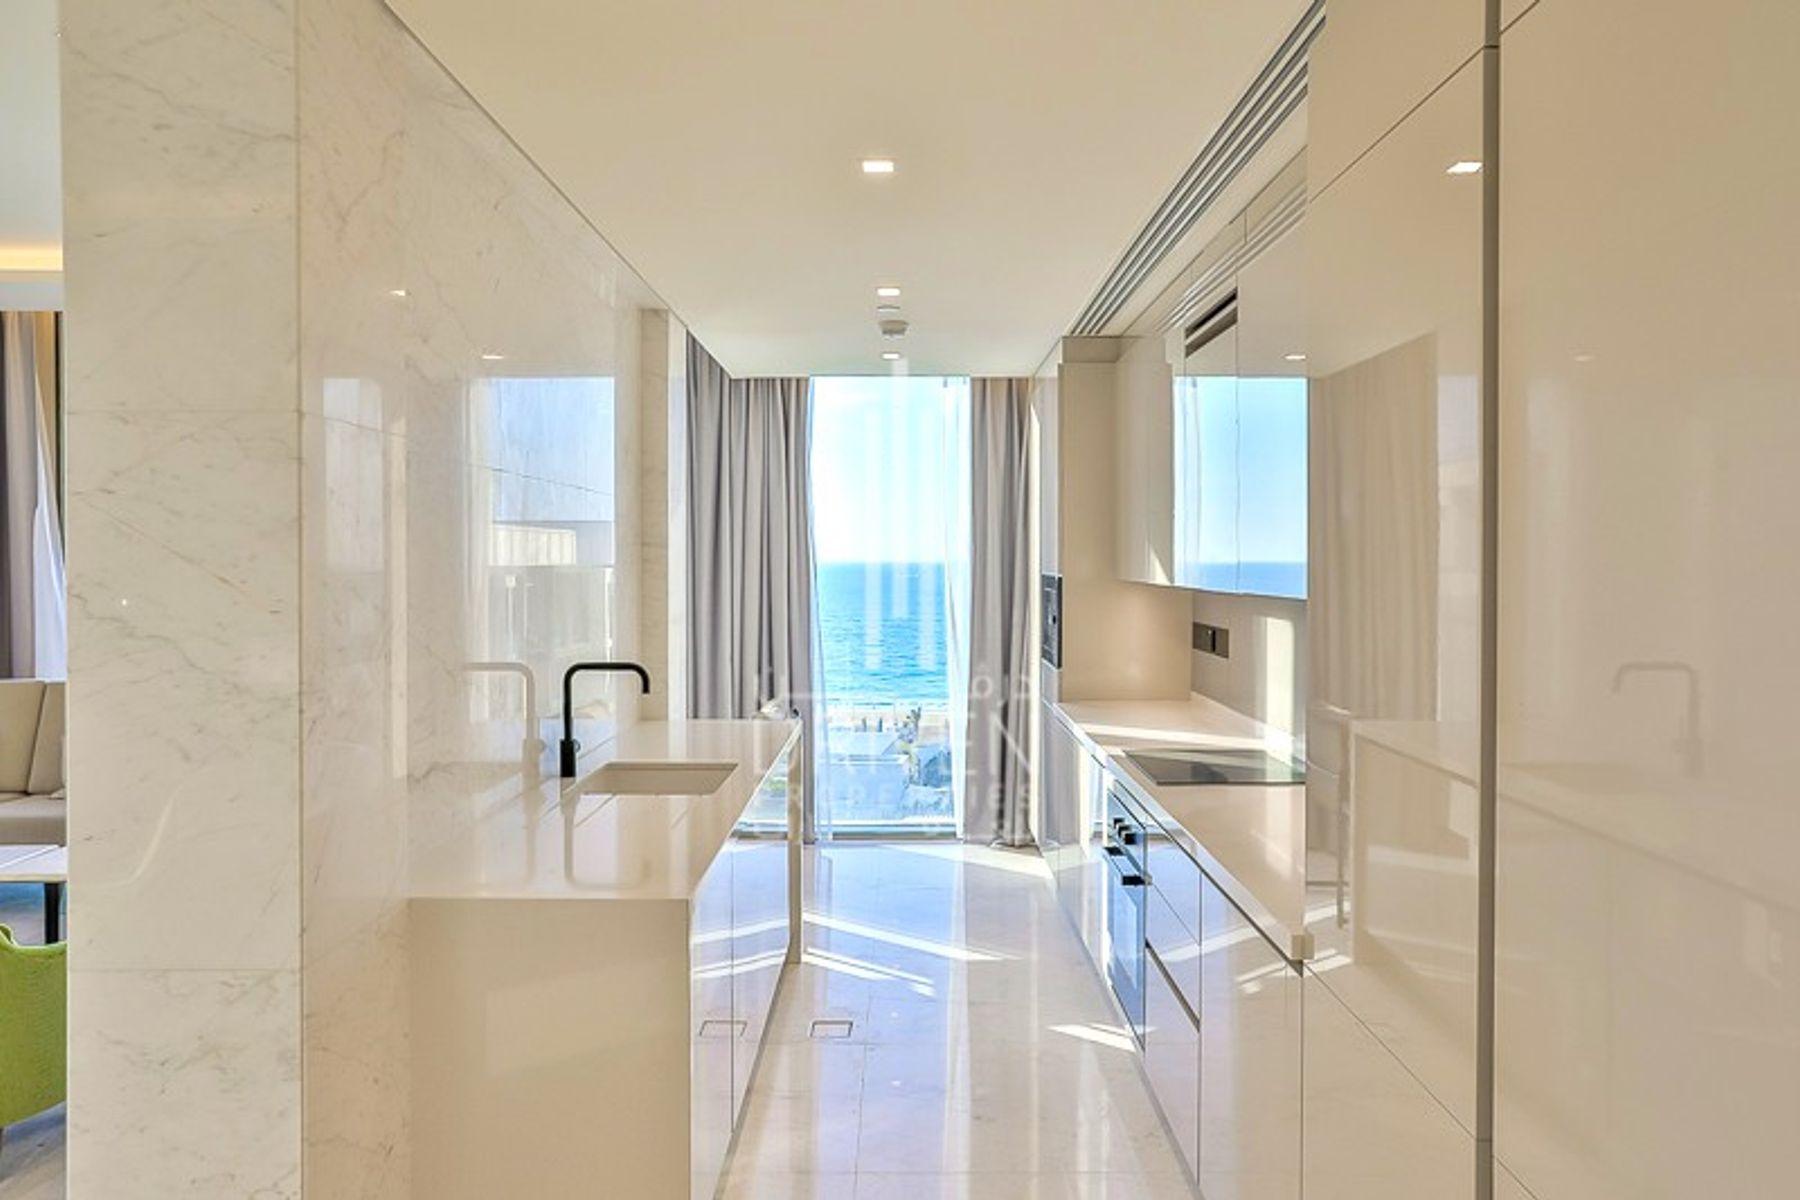 للايجار - شقة - 2 شقة بناية - بلوواترز